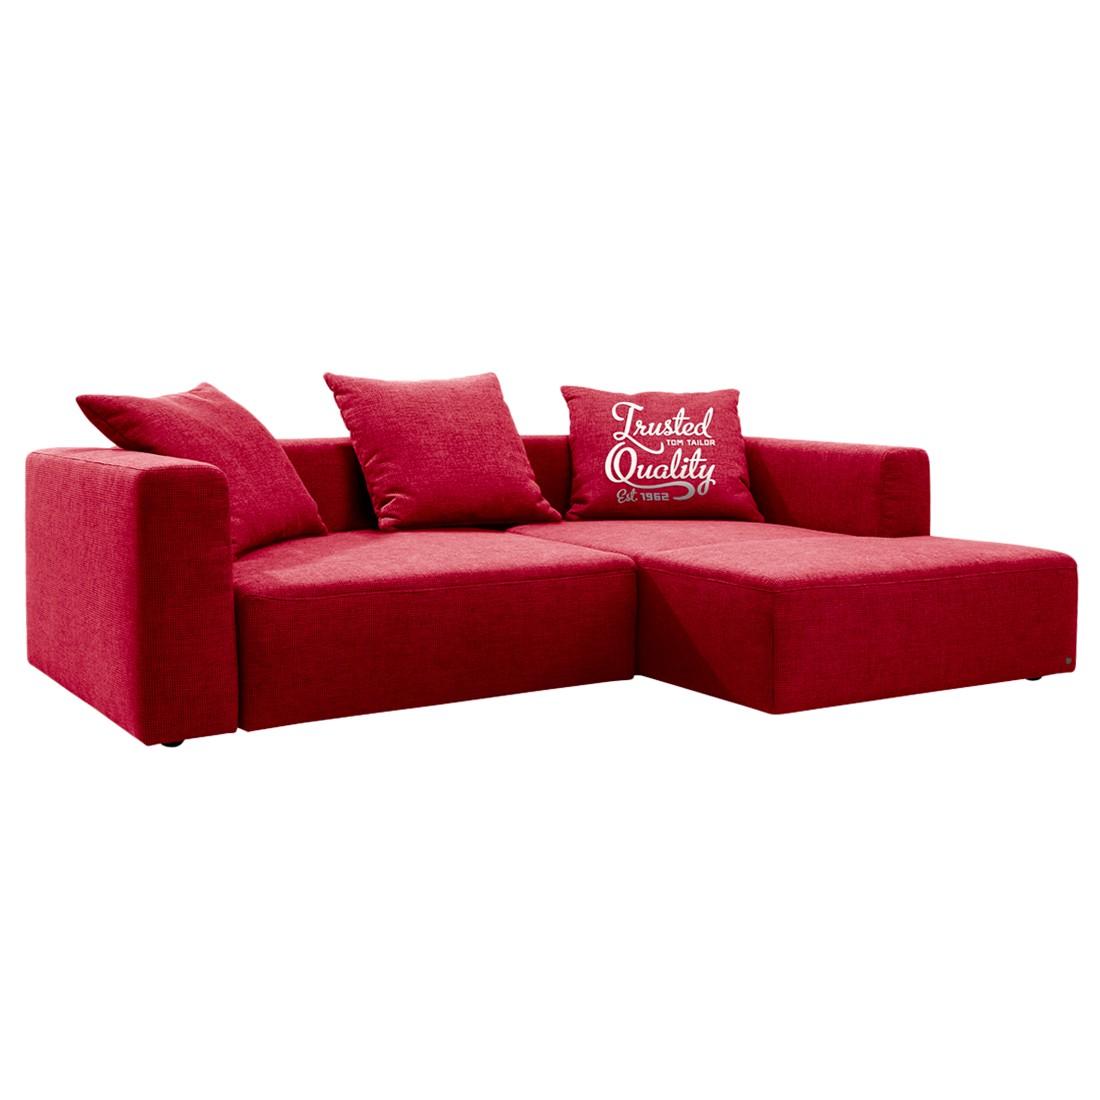 Hoekbank Heaven Casual - longchair vooraanzicht rechts - Met slaapfunctie - Stof TCU7 warm red, Tom Tailor